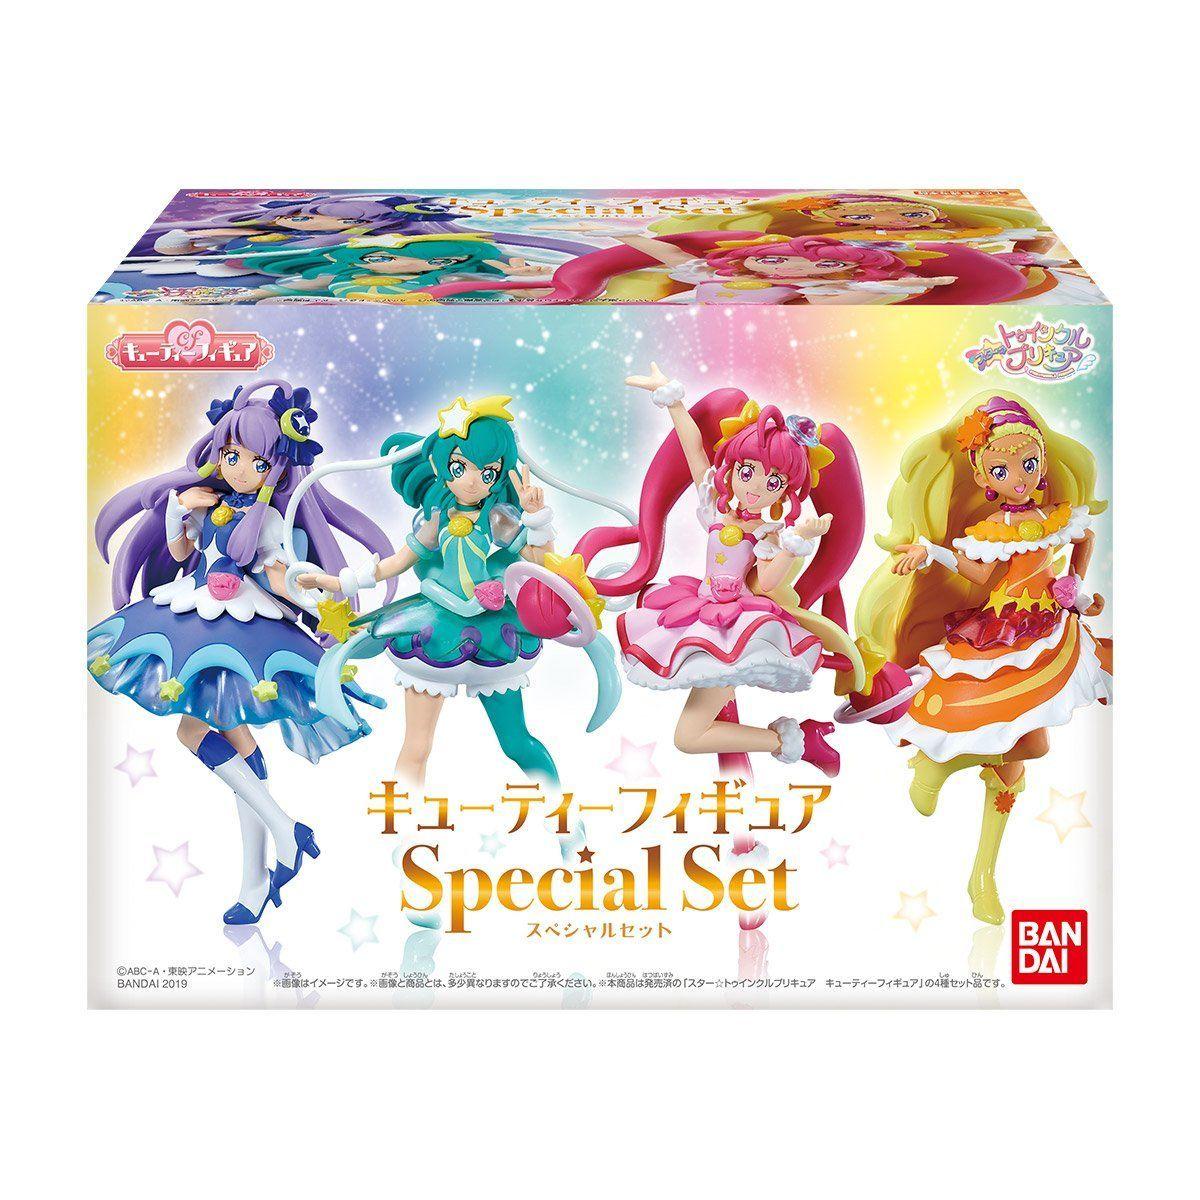 【食玩】スター☆トゥインクルプリキュア『キューティーフィギュア Special Set』フィギュア セット-001